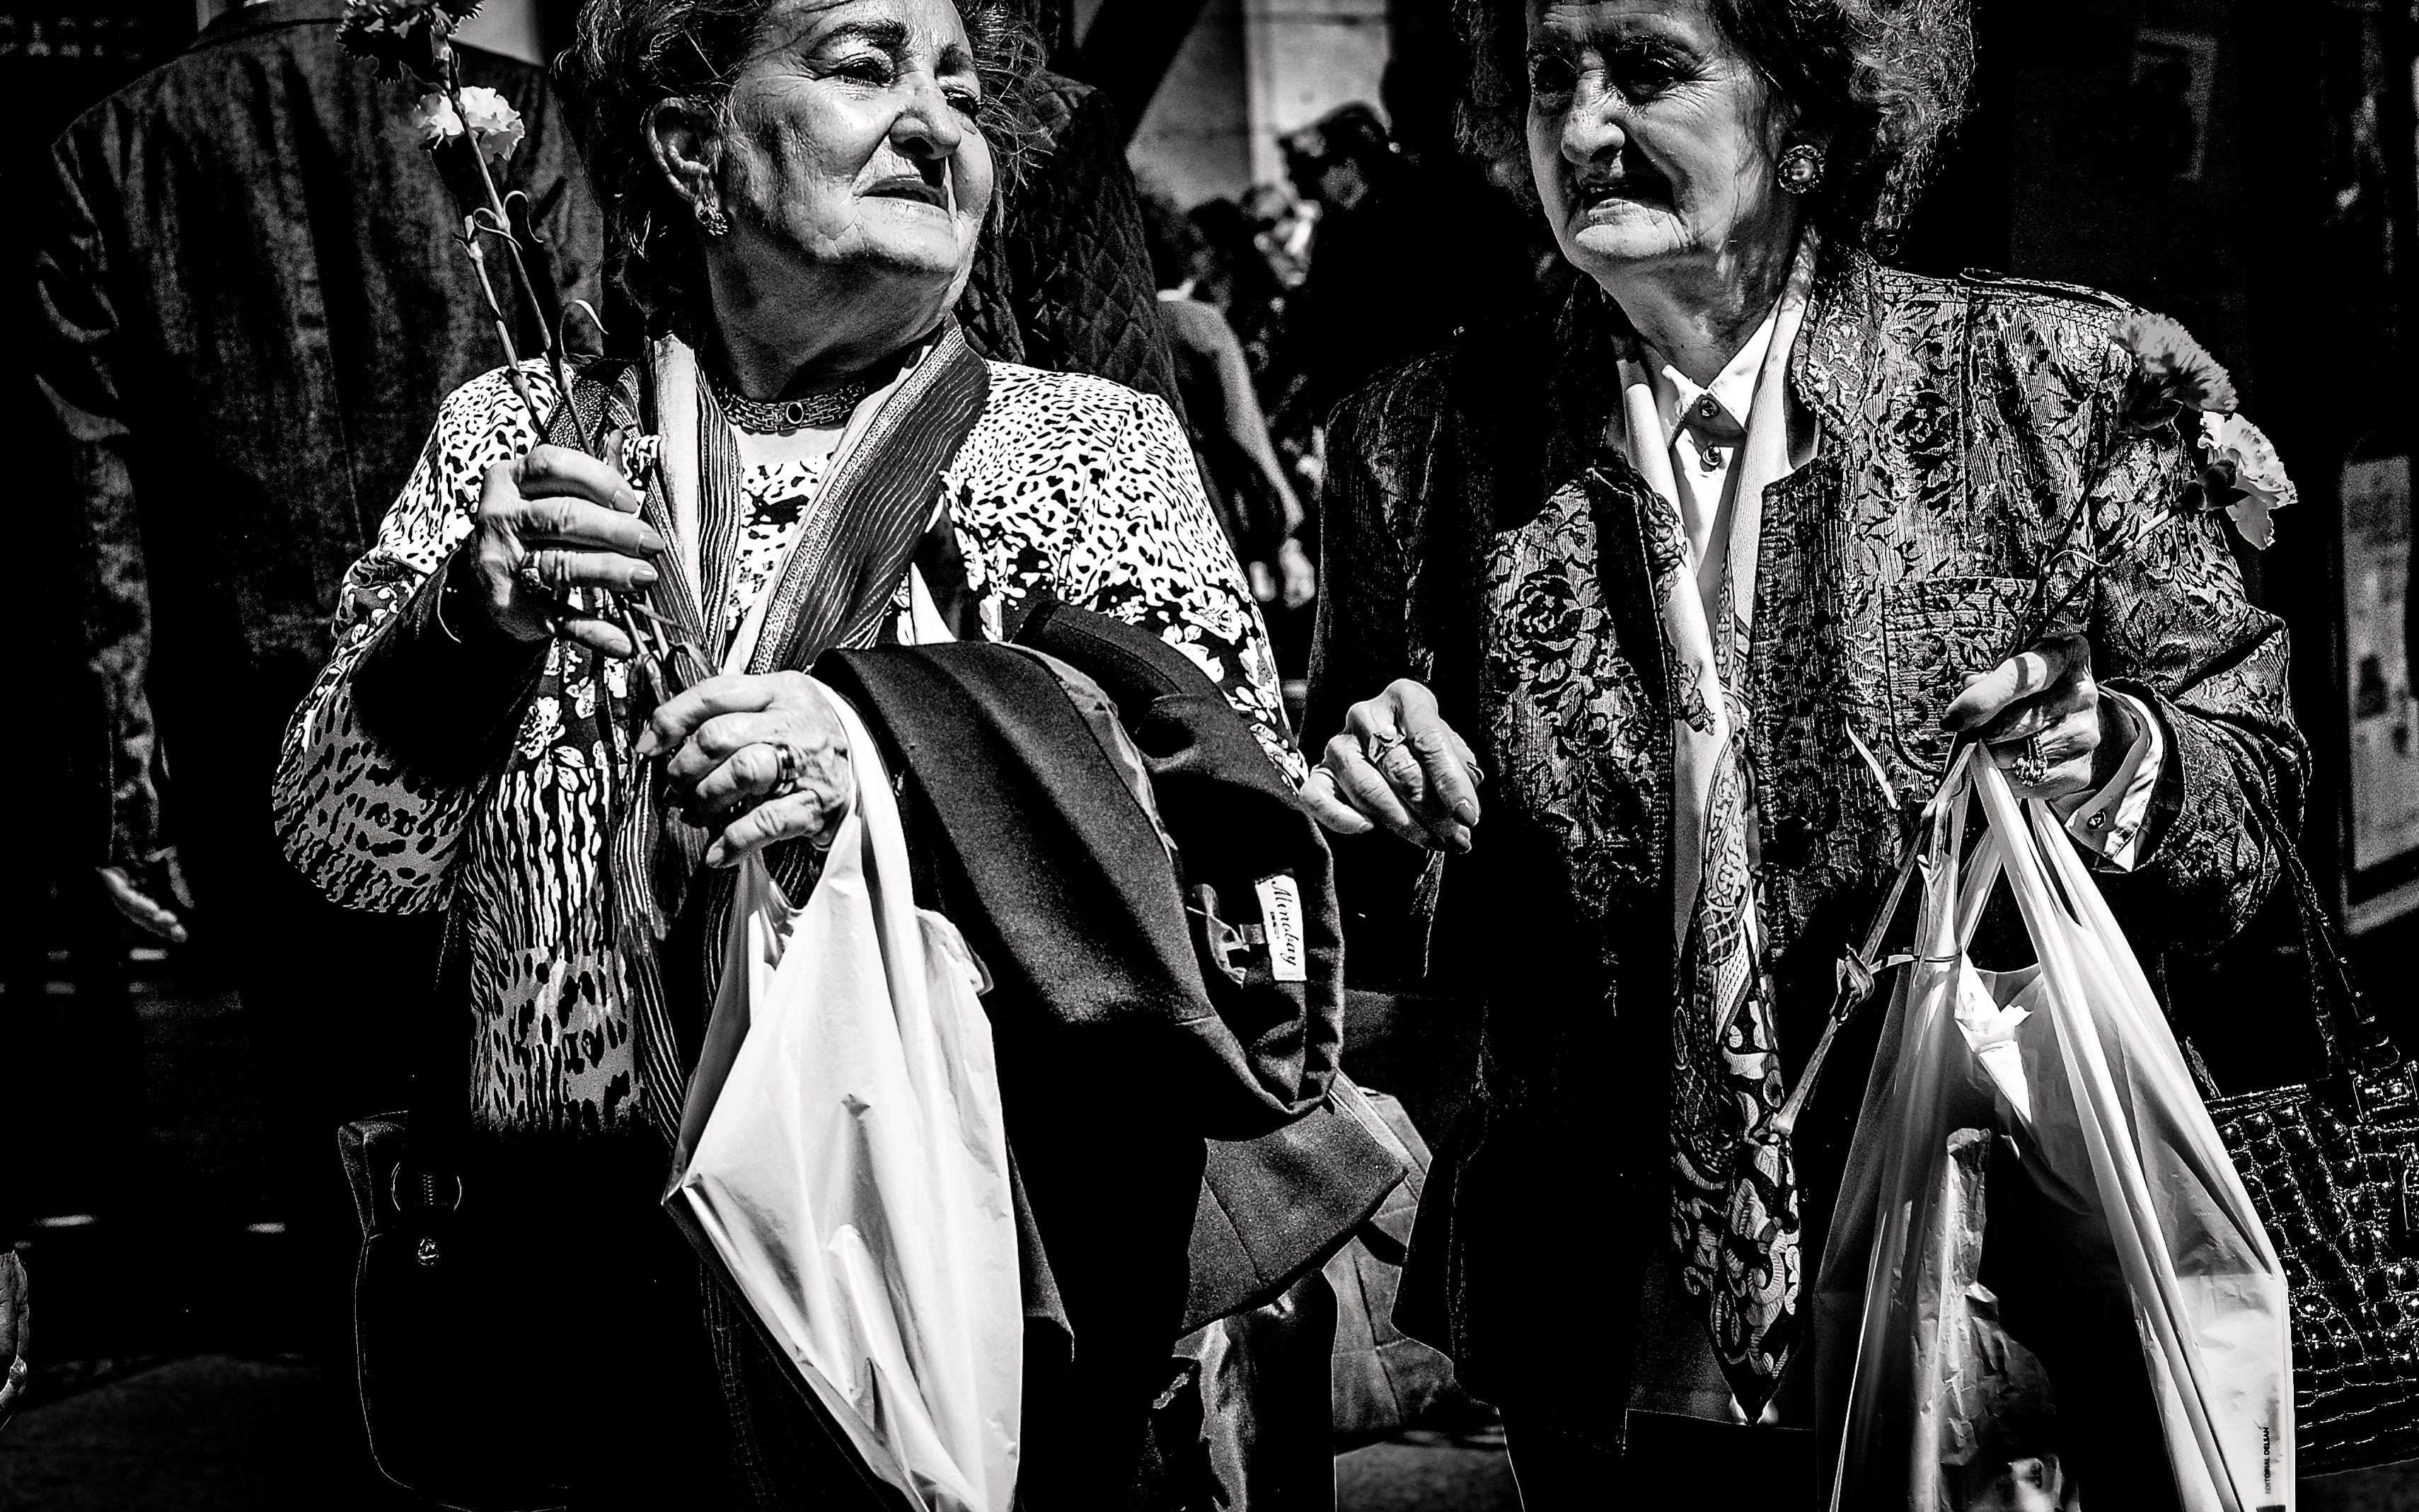 Photo by Rubén Bagüés on Unsplash